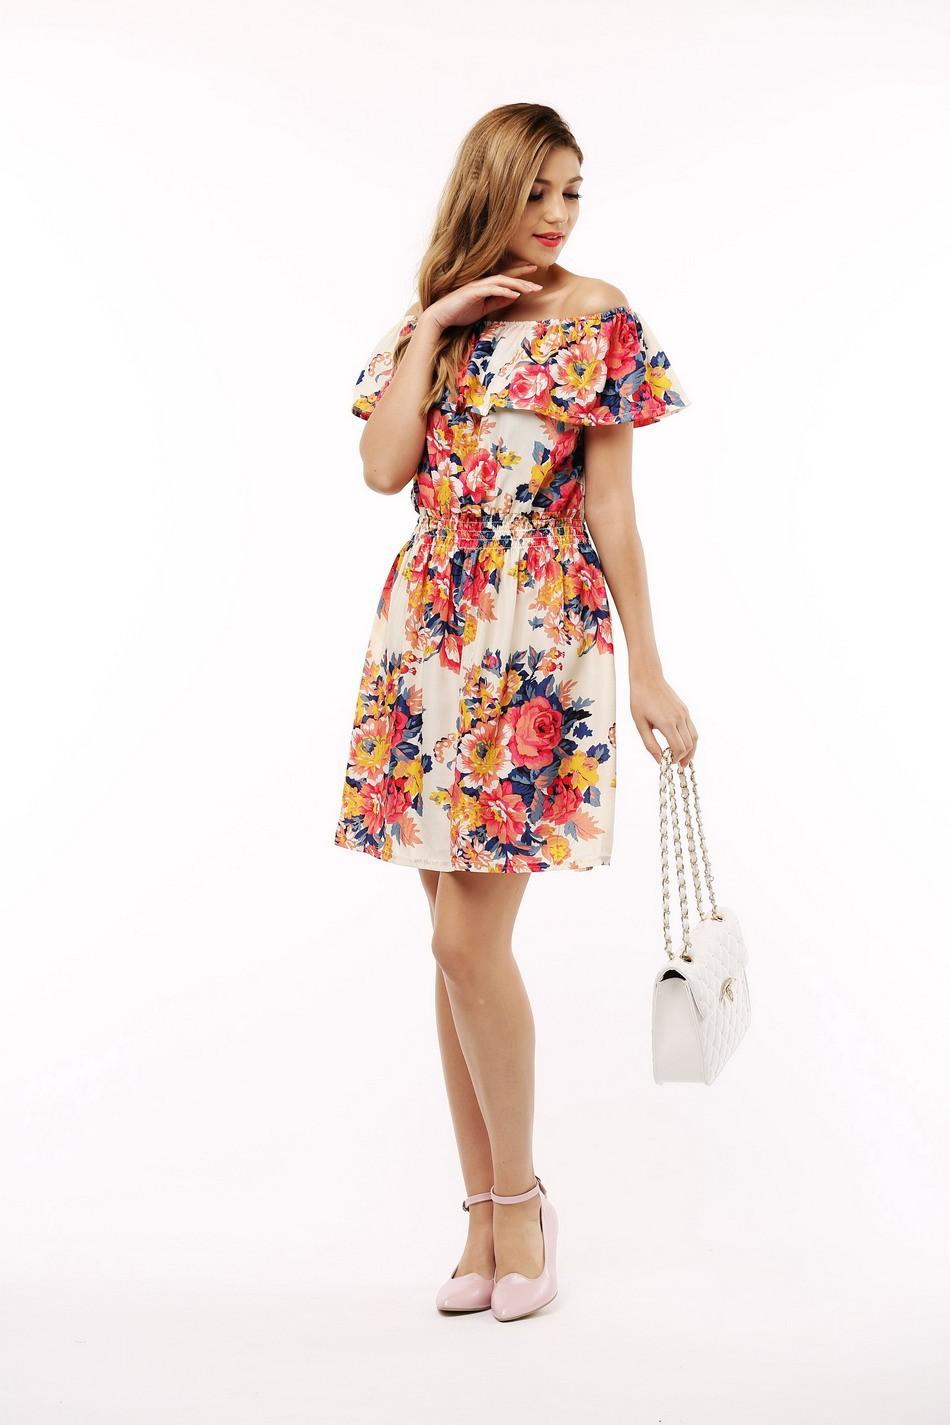 2017 fashion nowa wiosna lato plus size odzież kobiet floral print wzór sukienki na co dzień vestidos wc0472 8